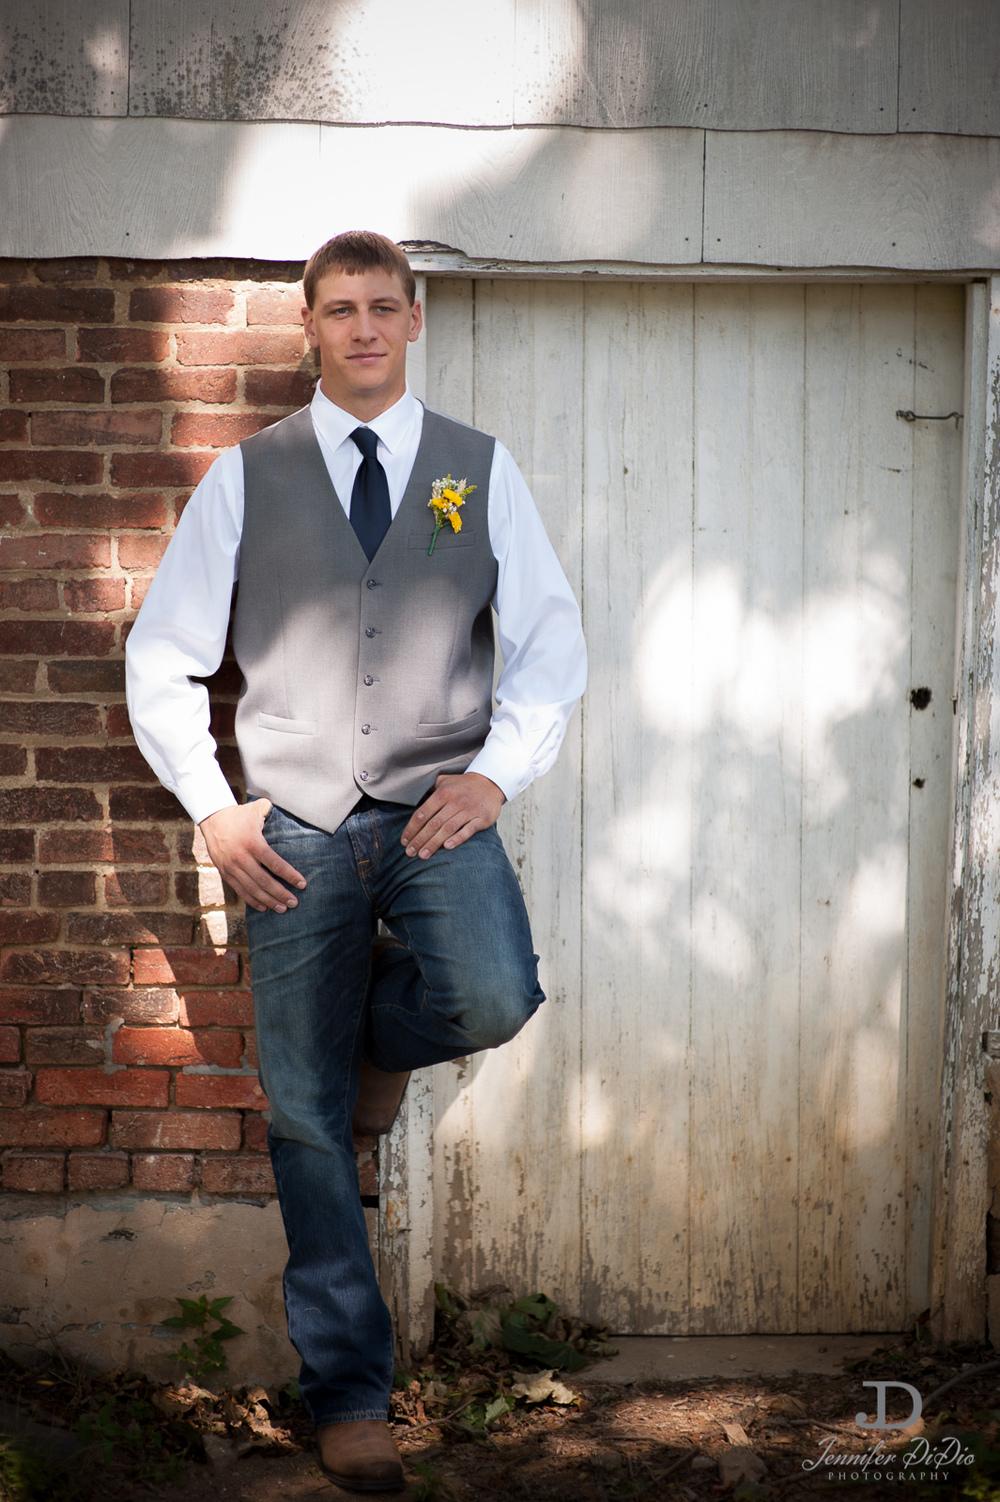 Jennifer.DiDio.Photography.Dell.Franklin.Wedding.2013-181.jpg